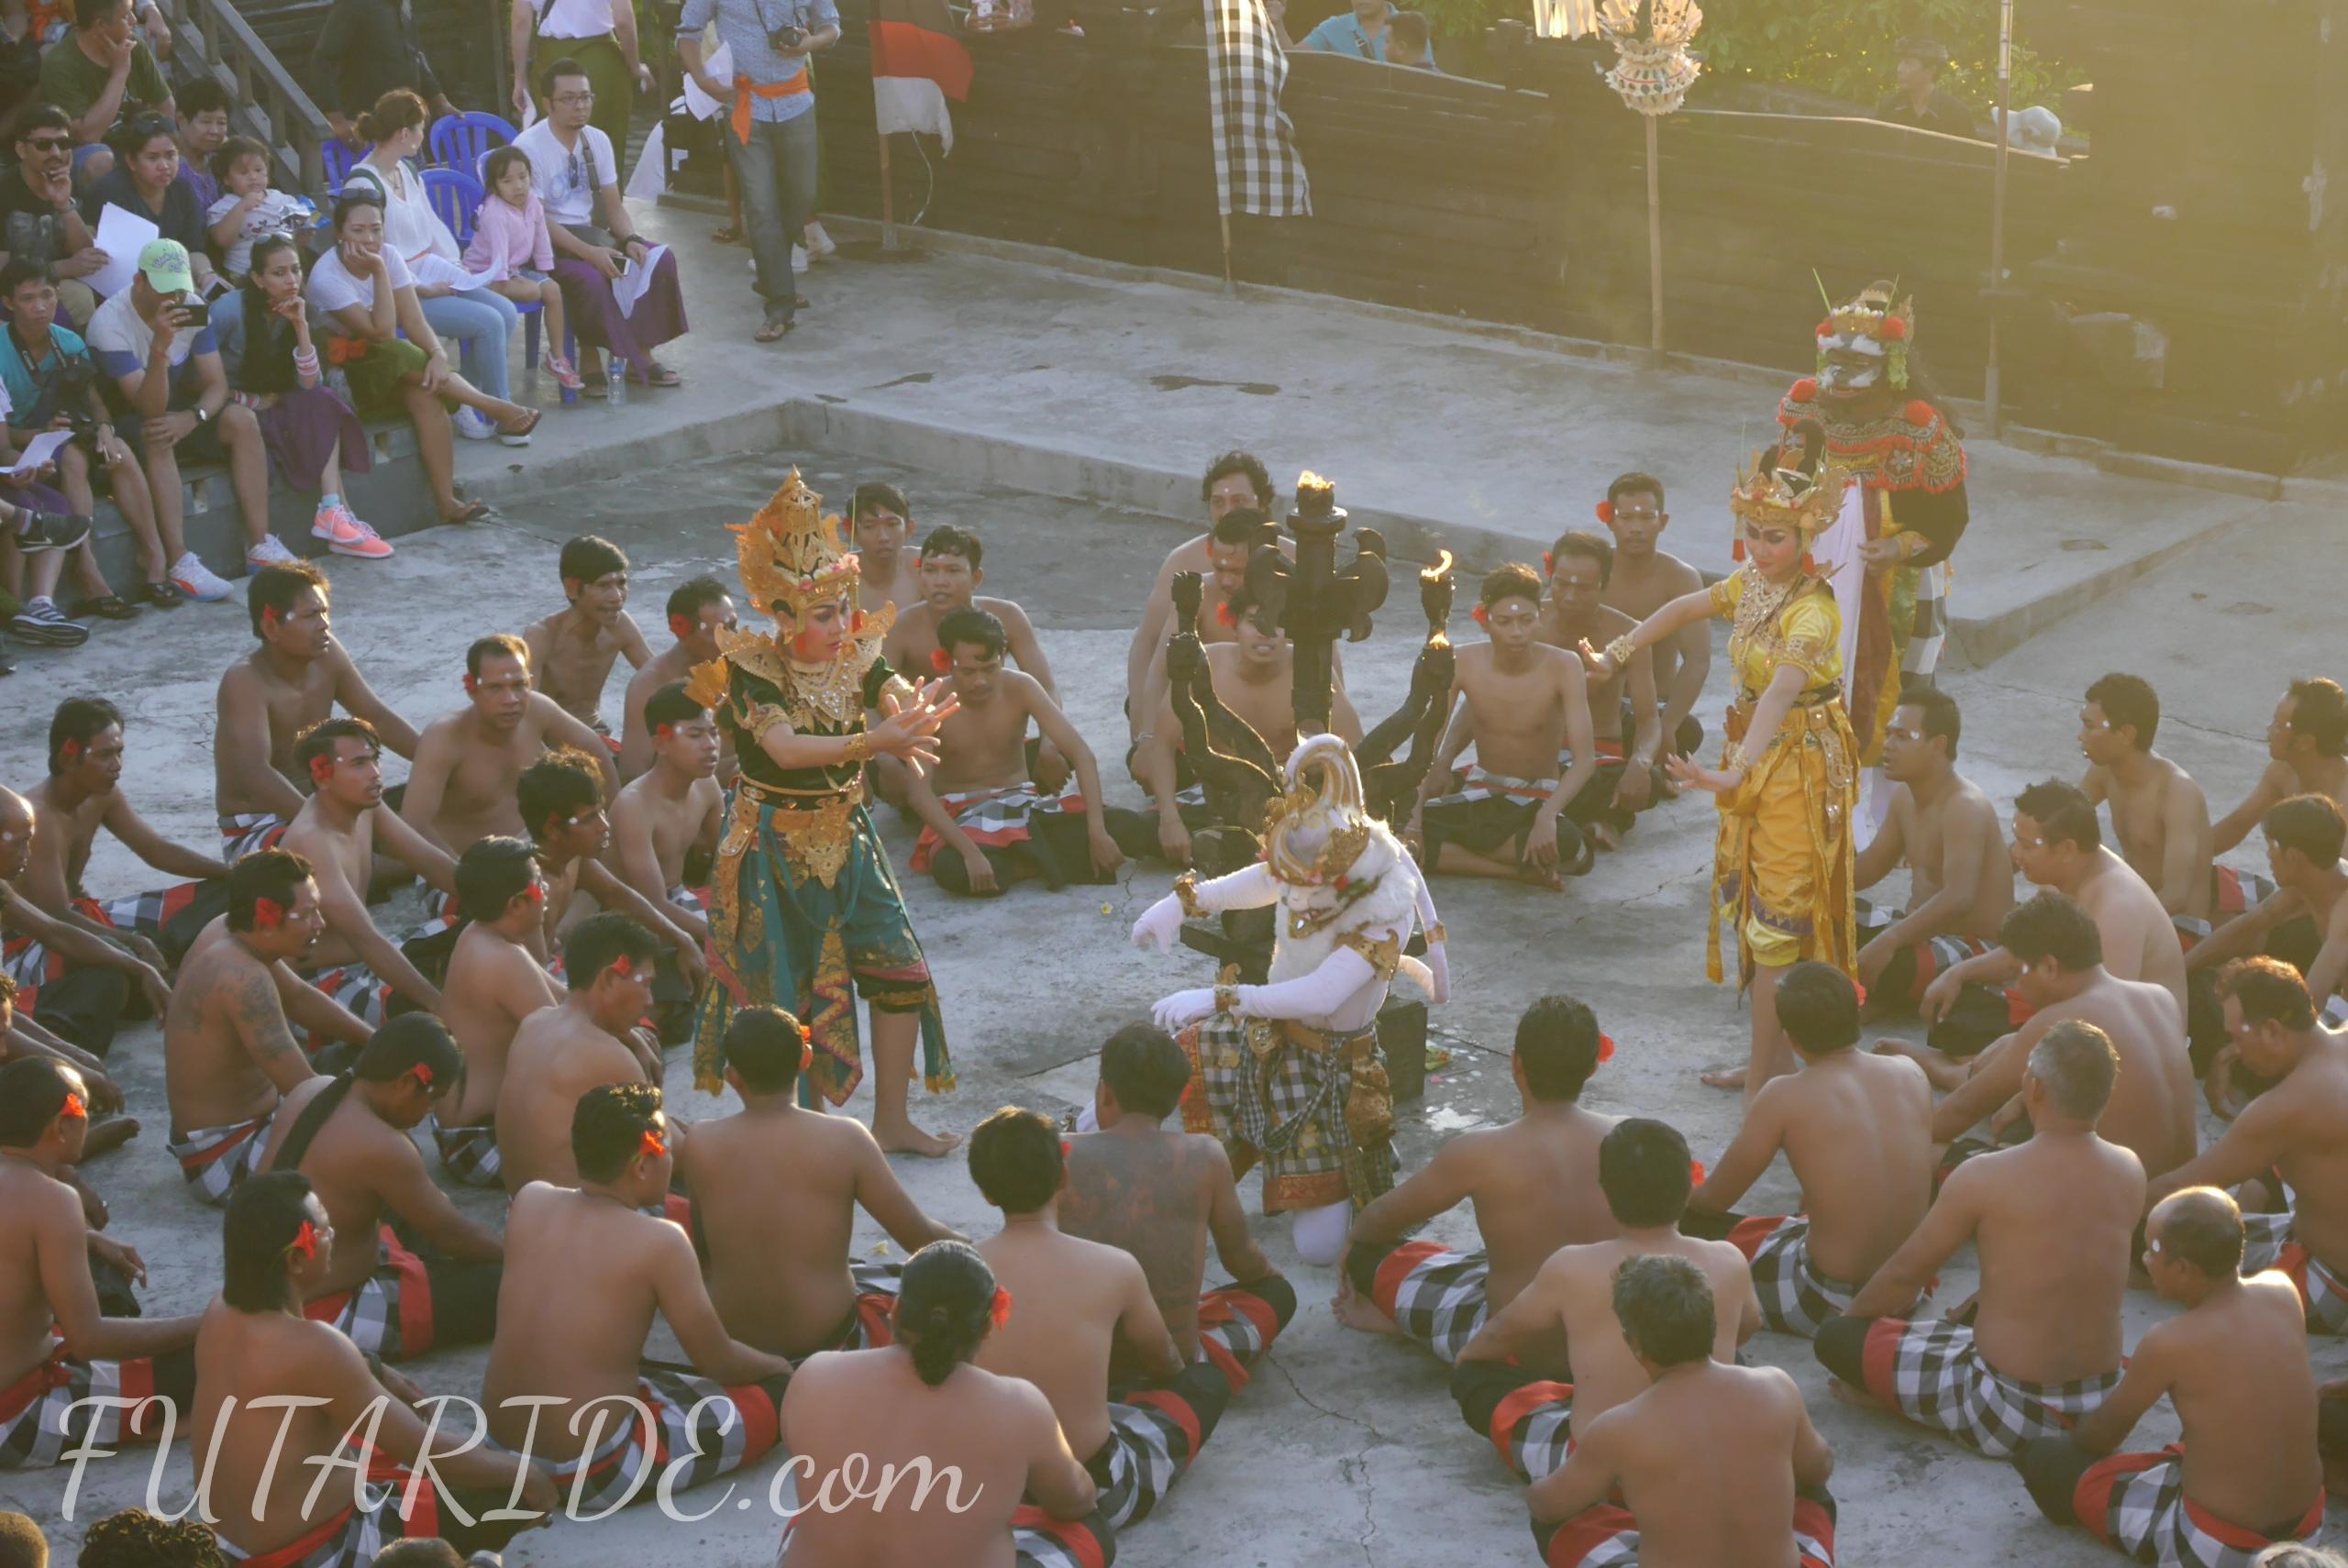 【ケチャダンス】バリ観光のマスト!ケチャックダンスの見所と攻略ポイント【ウルワツ寺院】